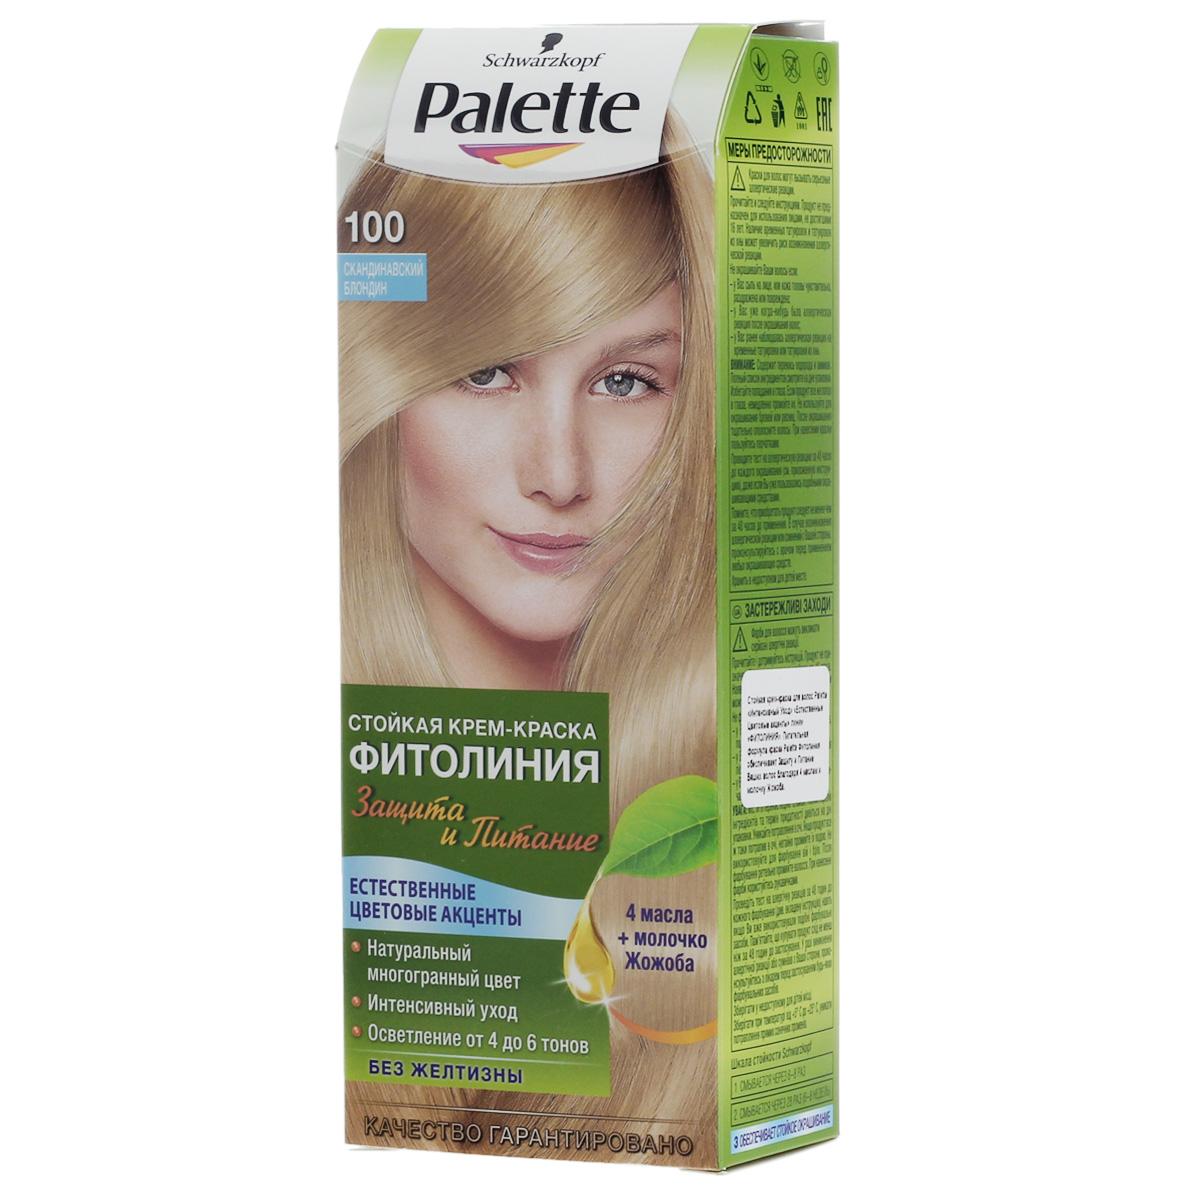 PALETTE Краска для волос ФИТОЛИНИЯ оттенок 100 Скандинавский блондин, 110 млSatin Hair 7 BR730MNОткройте для себя больше ухода для более интенсивного цвета: новая питающая крем-краска Palette Фитолиния, обогащенная 4 маслами и молочком Жожоба. Насладитесь невероятно мягкими и сияющими волосами, полными естественного сияния цвета и стойкой интенсивности. Питательная формула обеспечивает надежную защиту во время и после окрашивания и поразительно глубокий уход. А интенсивные красящие пигменты отвечают за насыщенный и стойкий результат на ваших волосах. Побалуйте себя широким выбором натуральных оттенков, ведь палитра Palette Фитолиния предлагает оригинальную подборку оттенков для создания естественных цветовых акцентов и глубокого многогранного цвета.